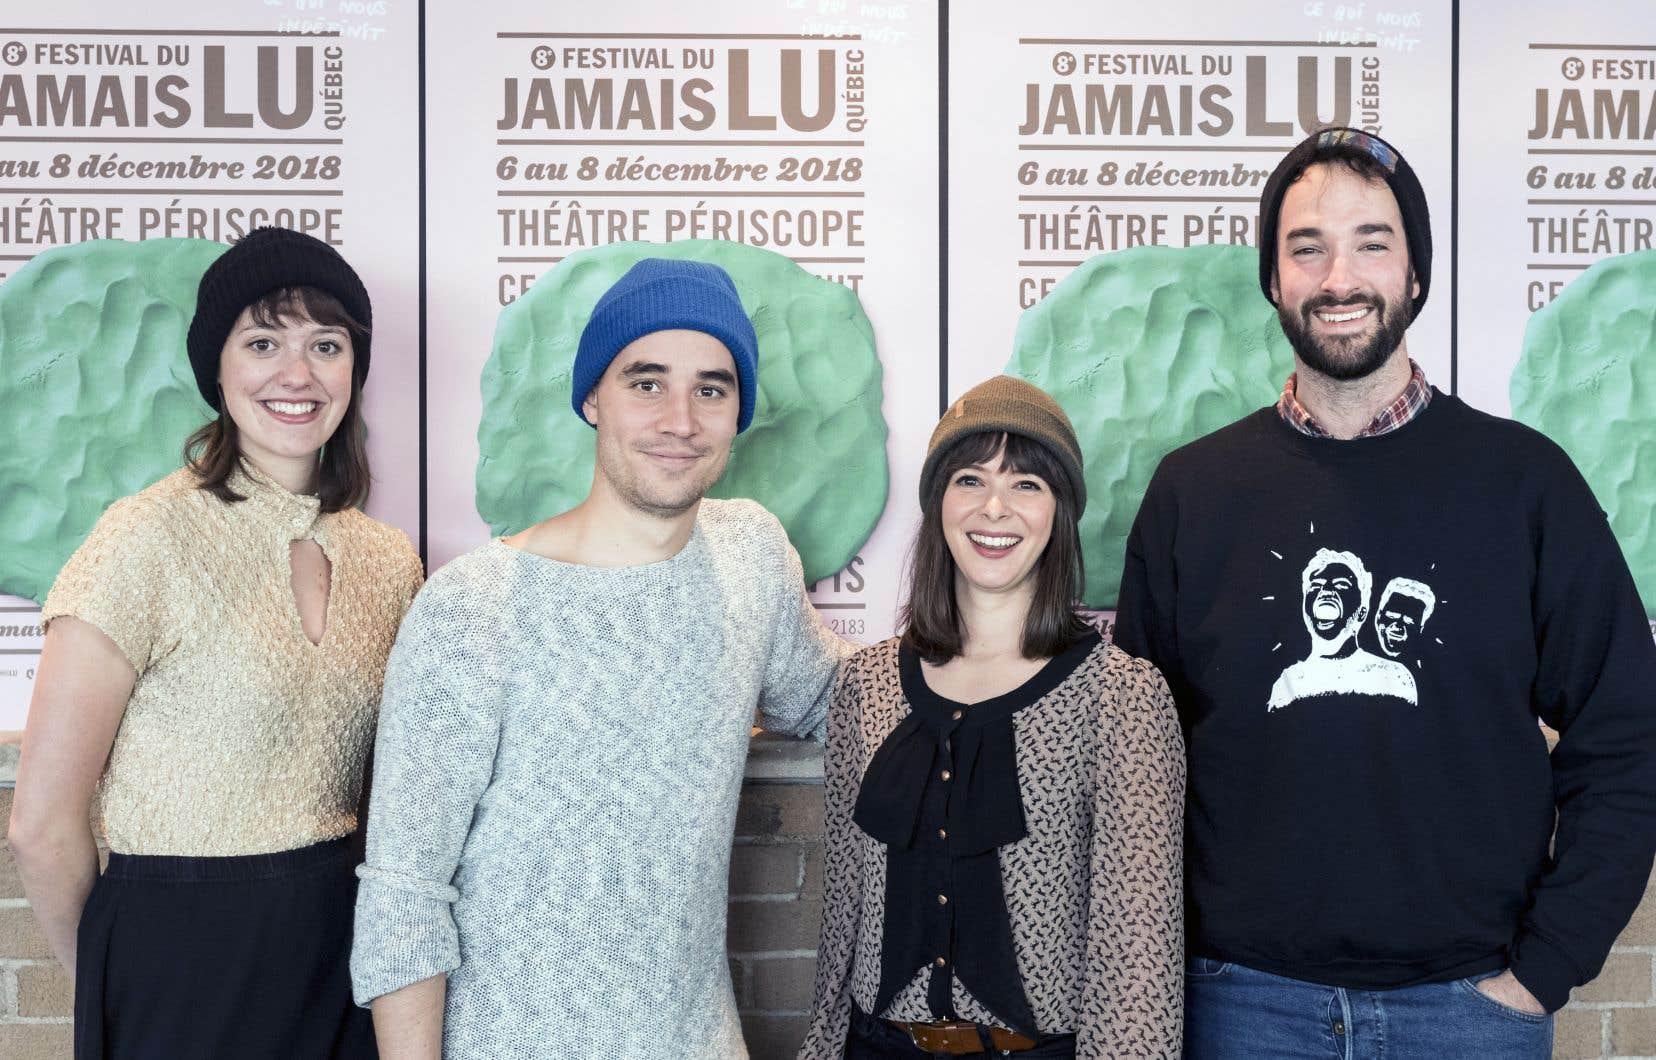 De gauche à droite: l'auteure Marianne Dansereau, le dramaturge Olivier Arteau, la directrice artistique du festival Jamais Lu, Marianne Marceau, et l'auteur Marc-Antoine Marceau